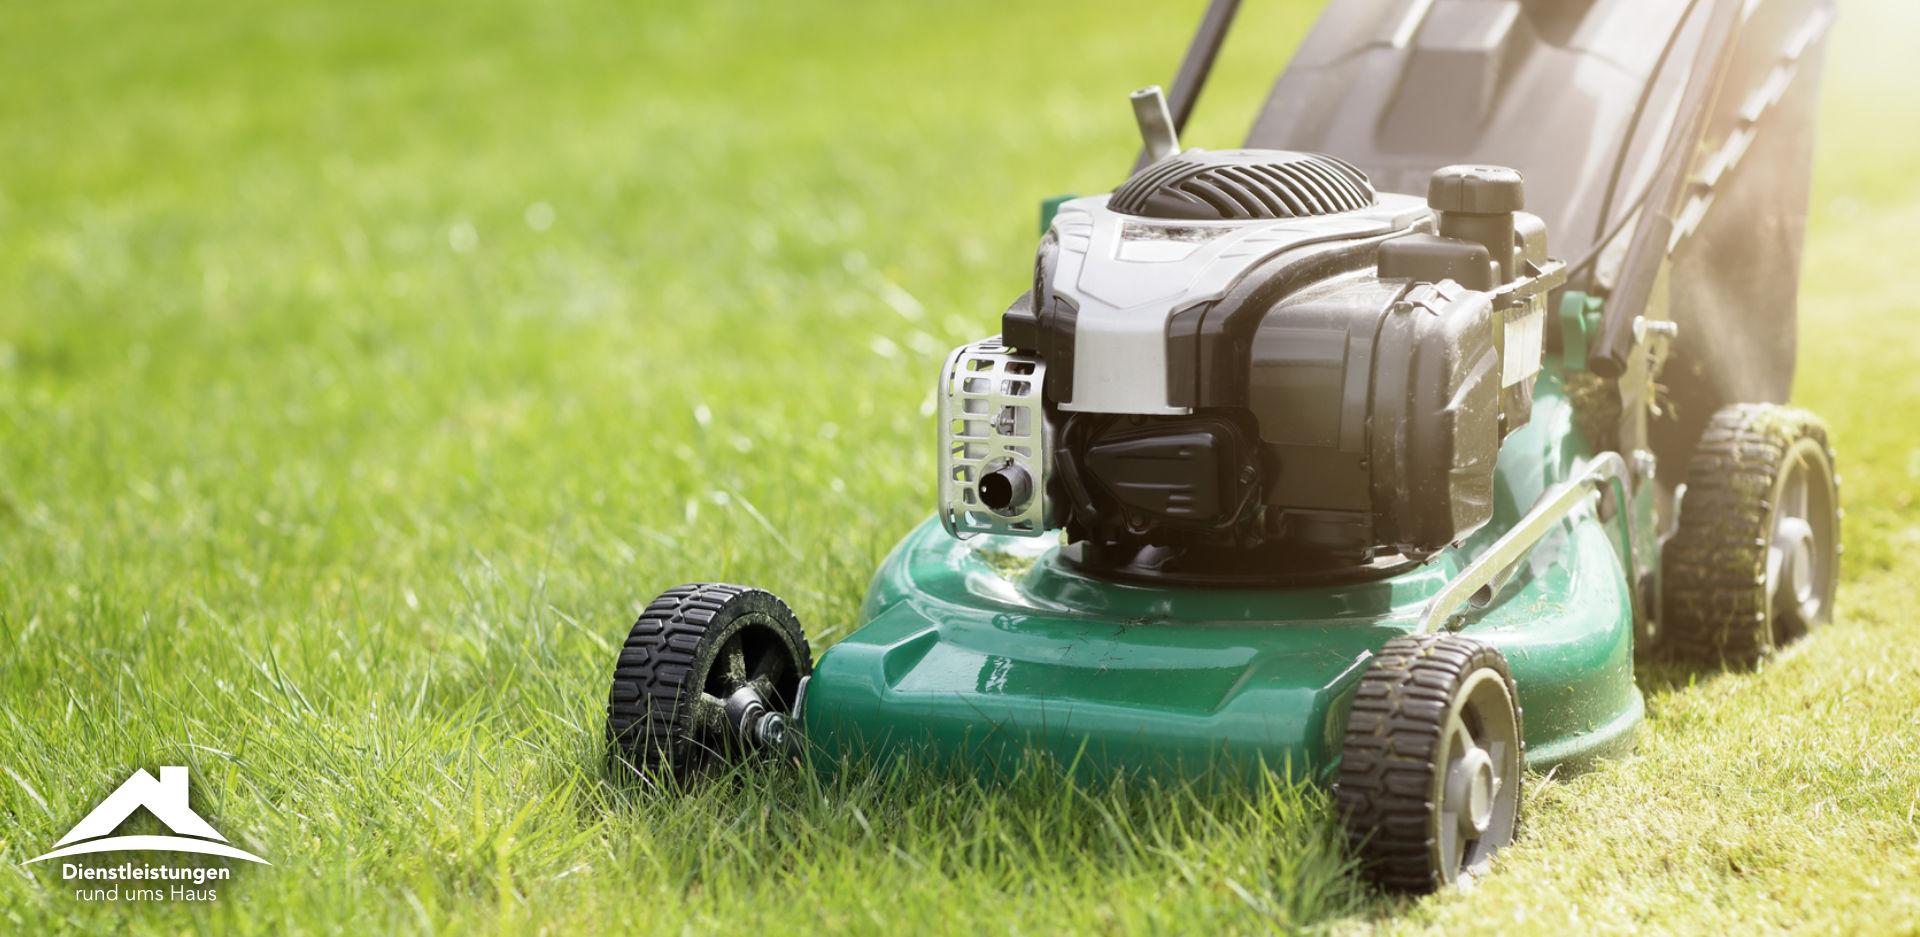 Gartenarbeiten mit einem Rasenmäher